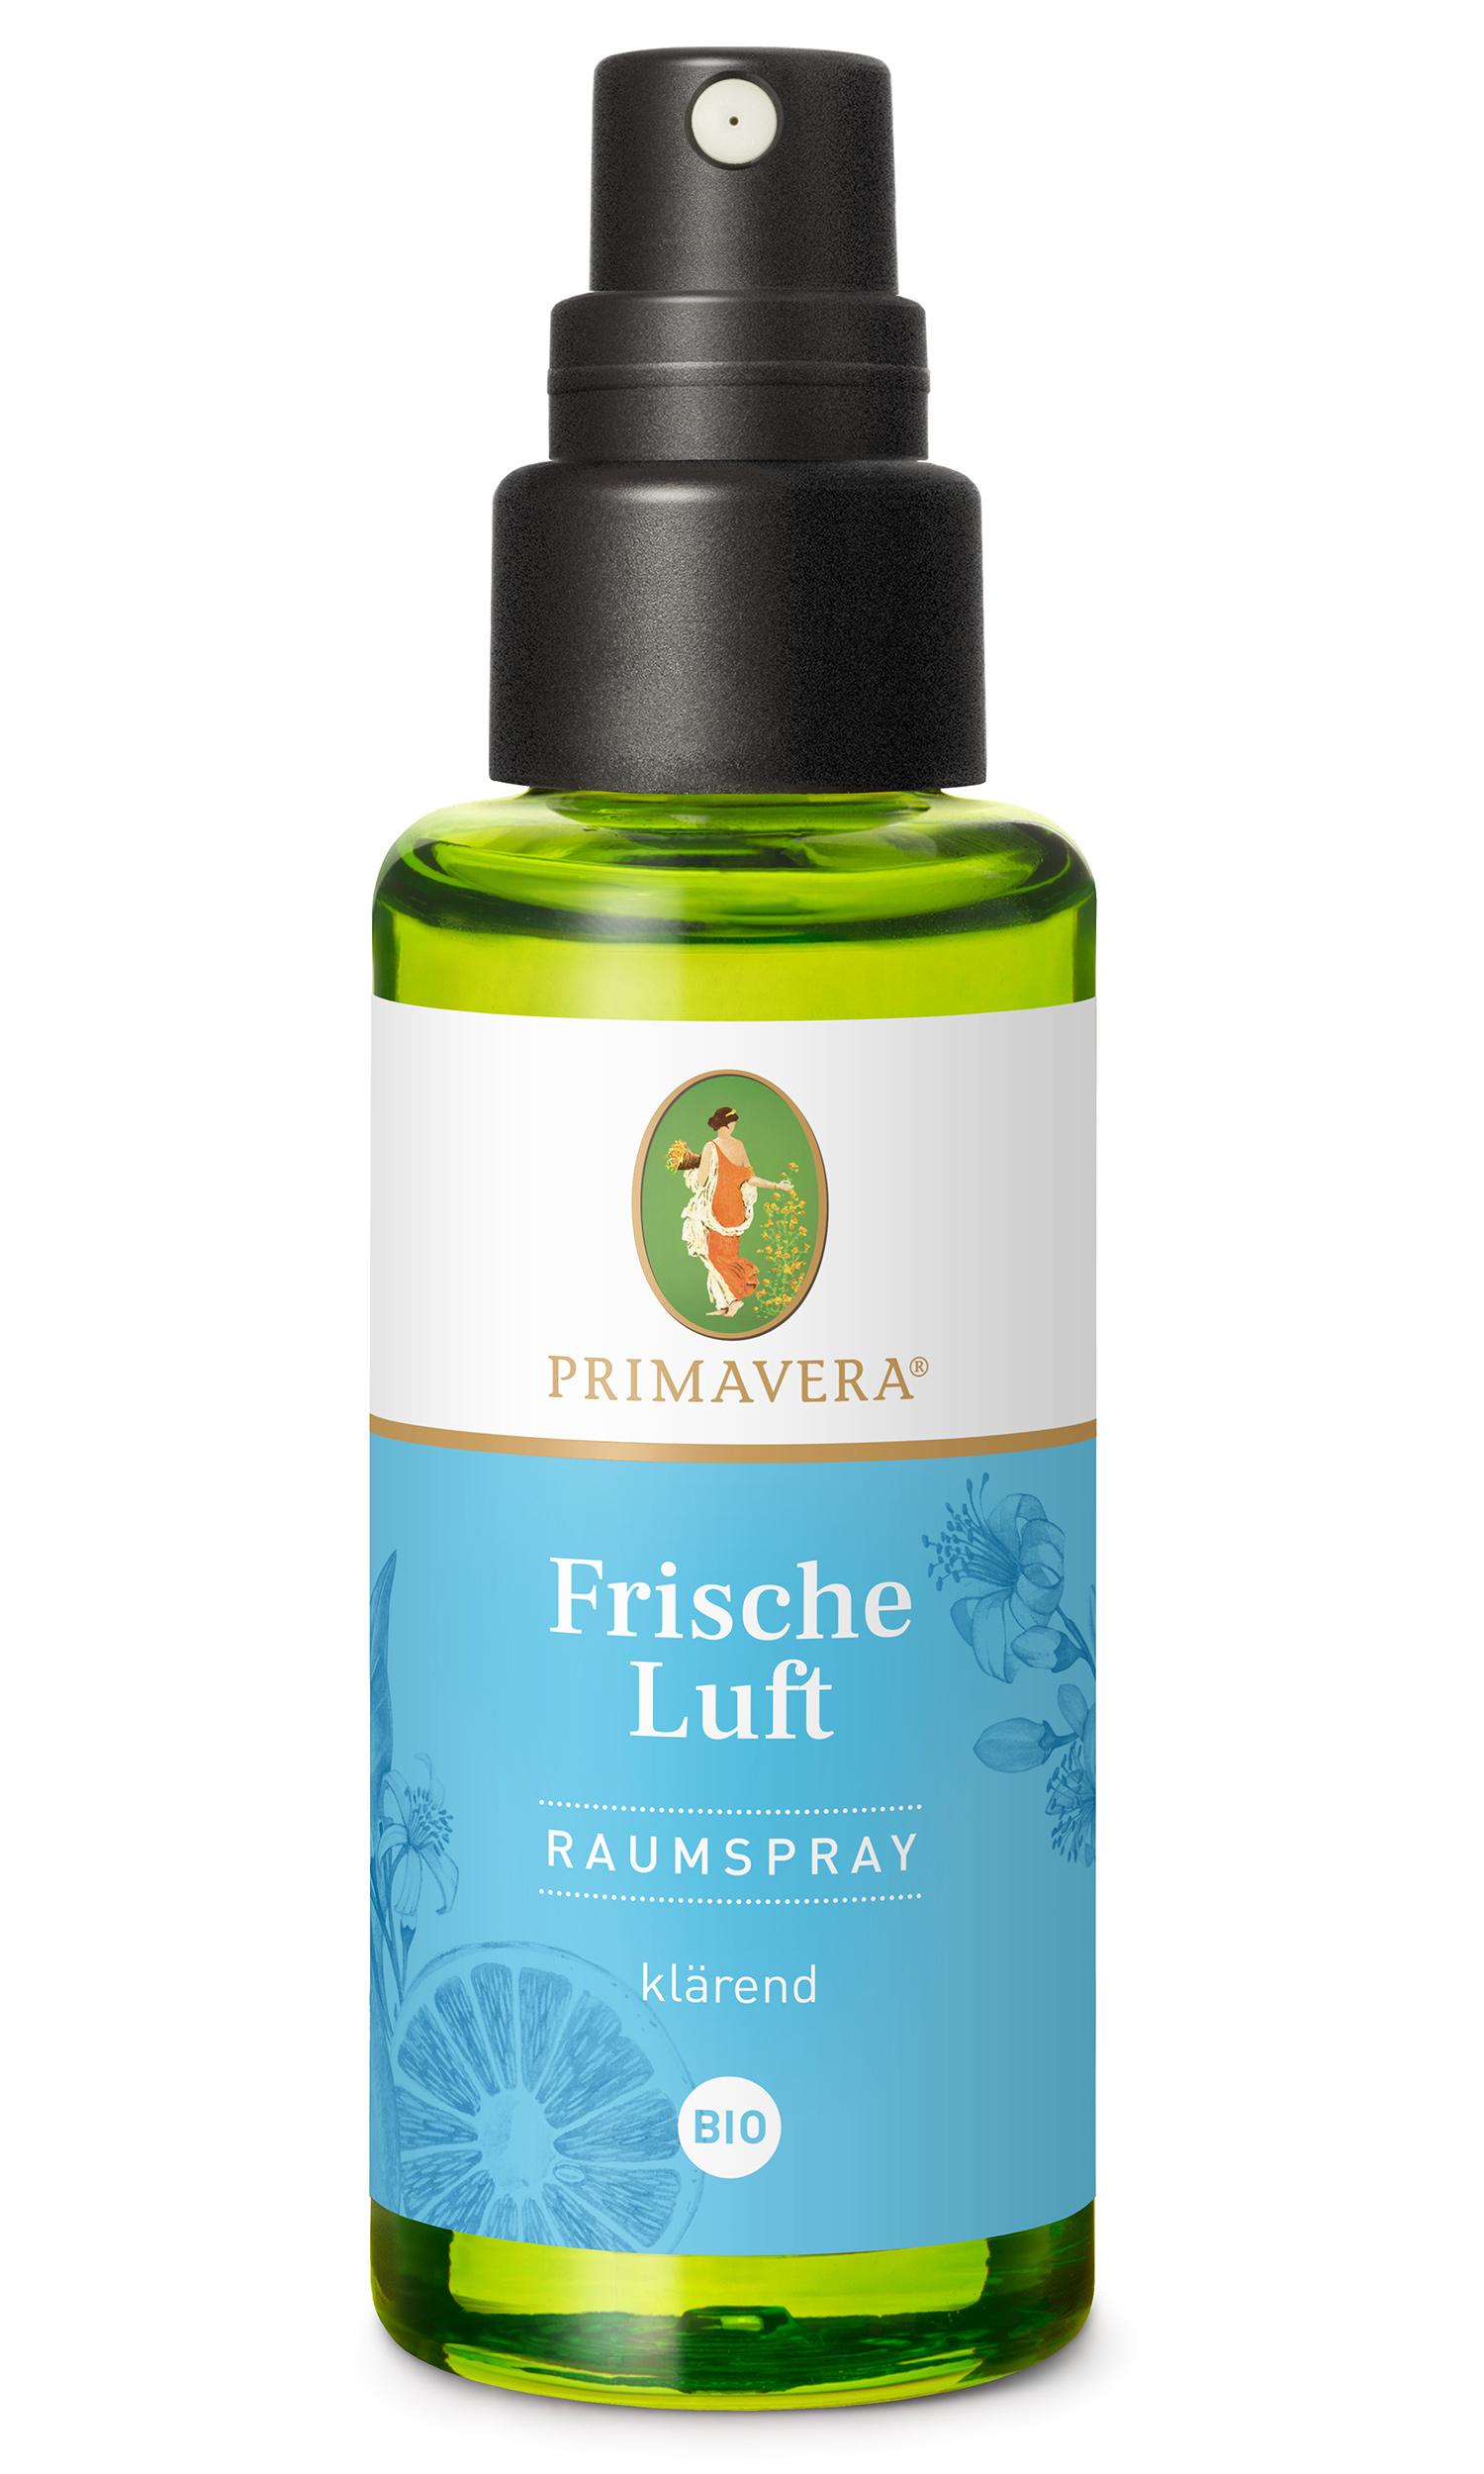 Bio Frische Luft Raumspray, 50 ml